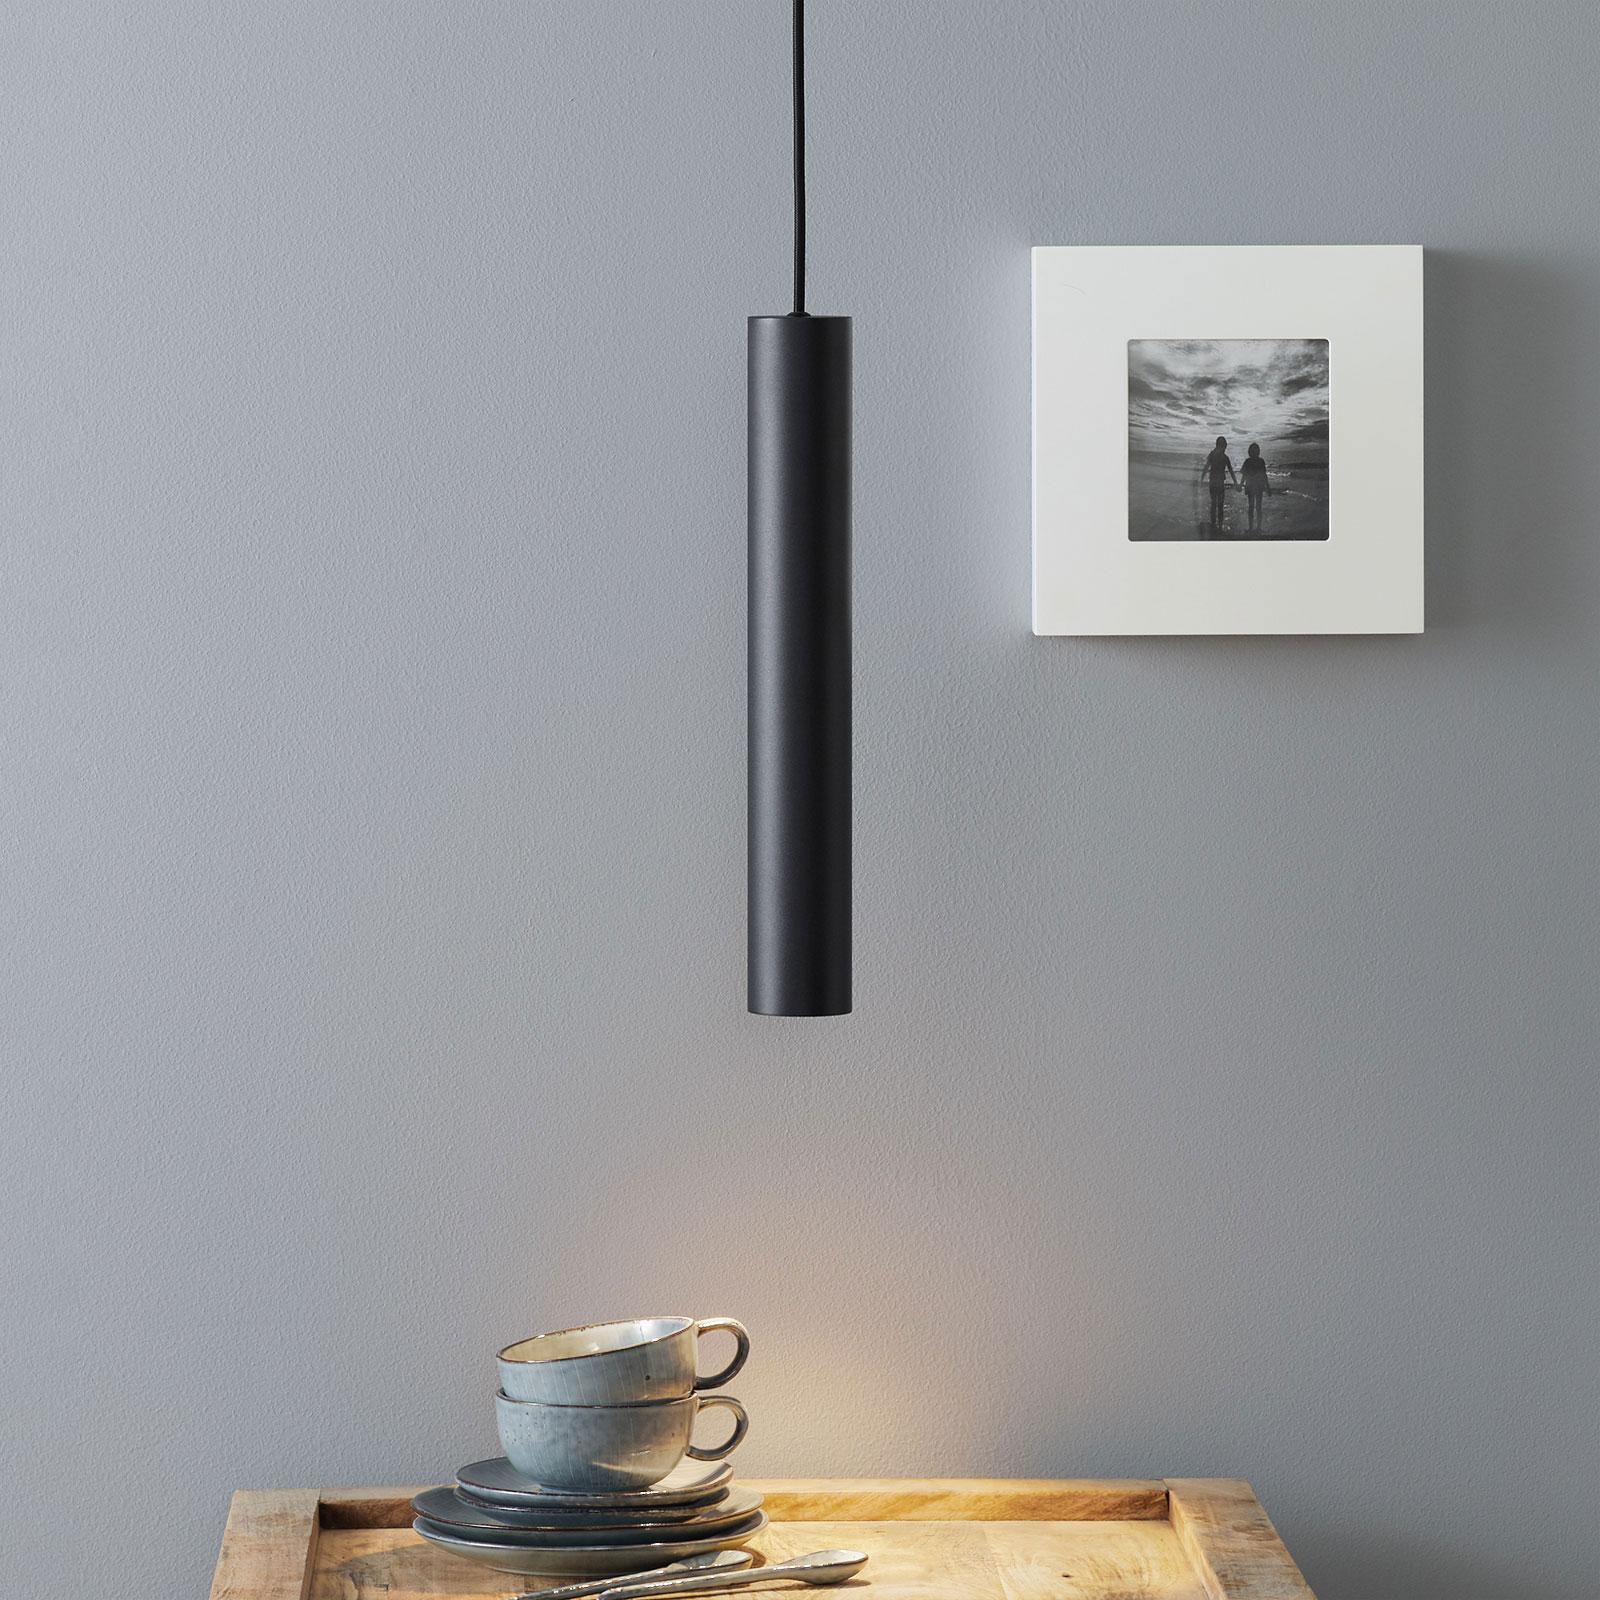 Zwarte hanglamp Look in smalle vorm